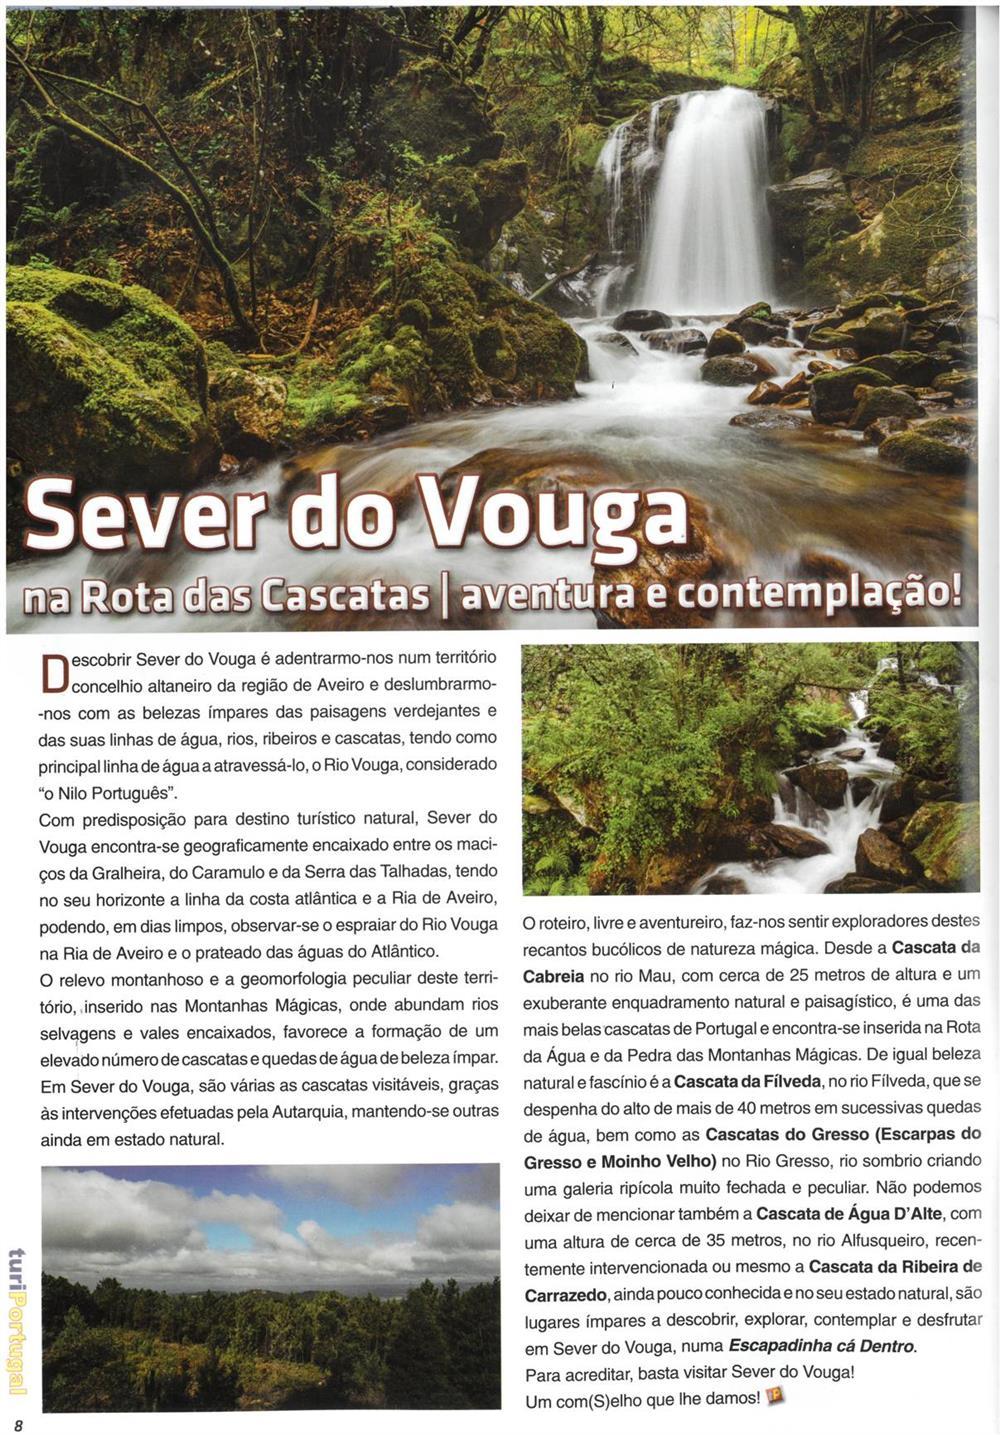 TuriP-n.º91,jun.'21-p.8-Sever do Vouga na Rota das Cascatas : aventura e contemplação.jpg